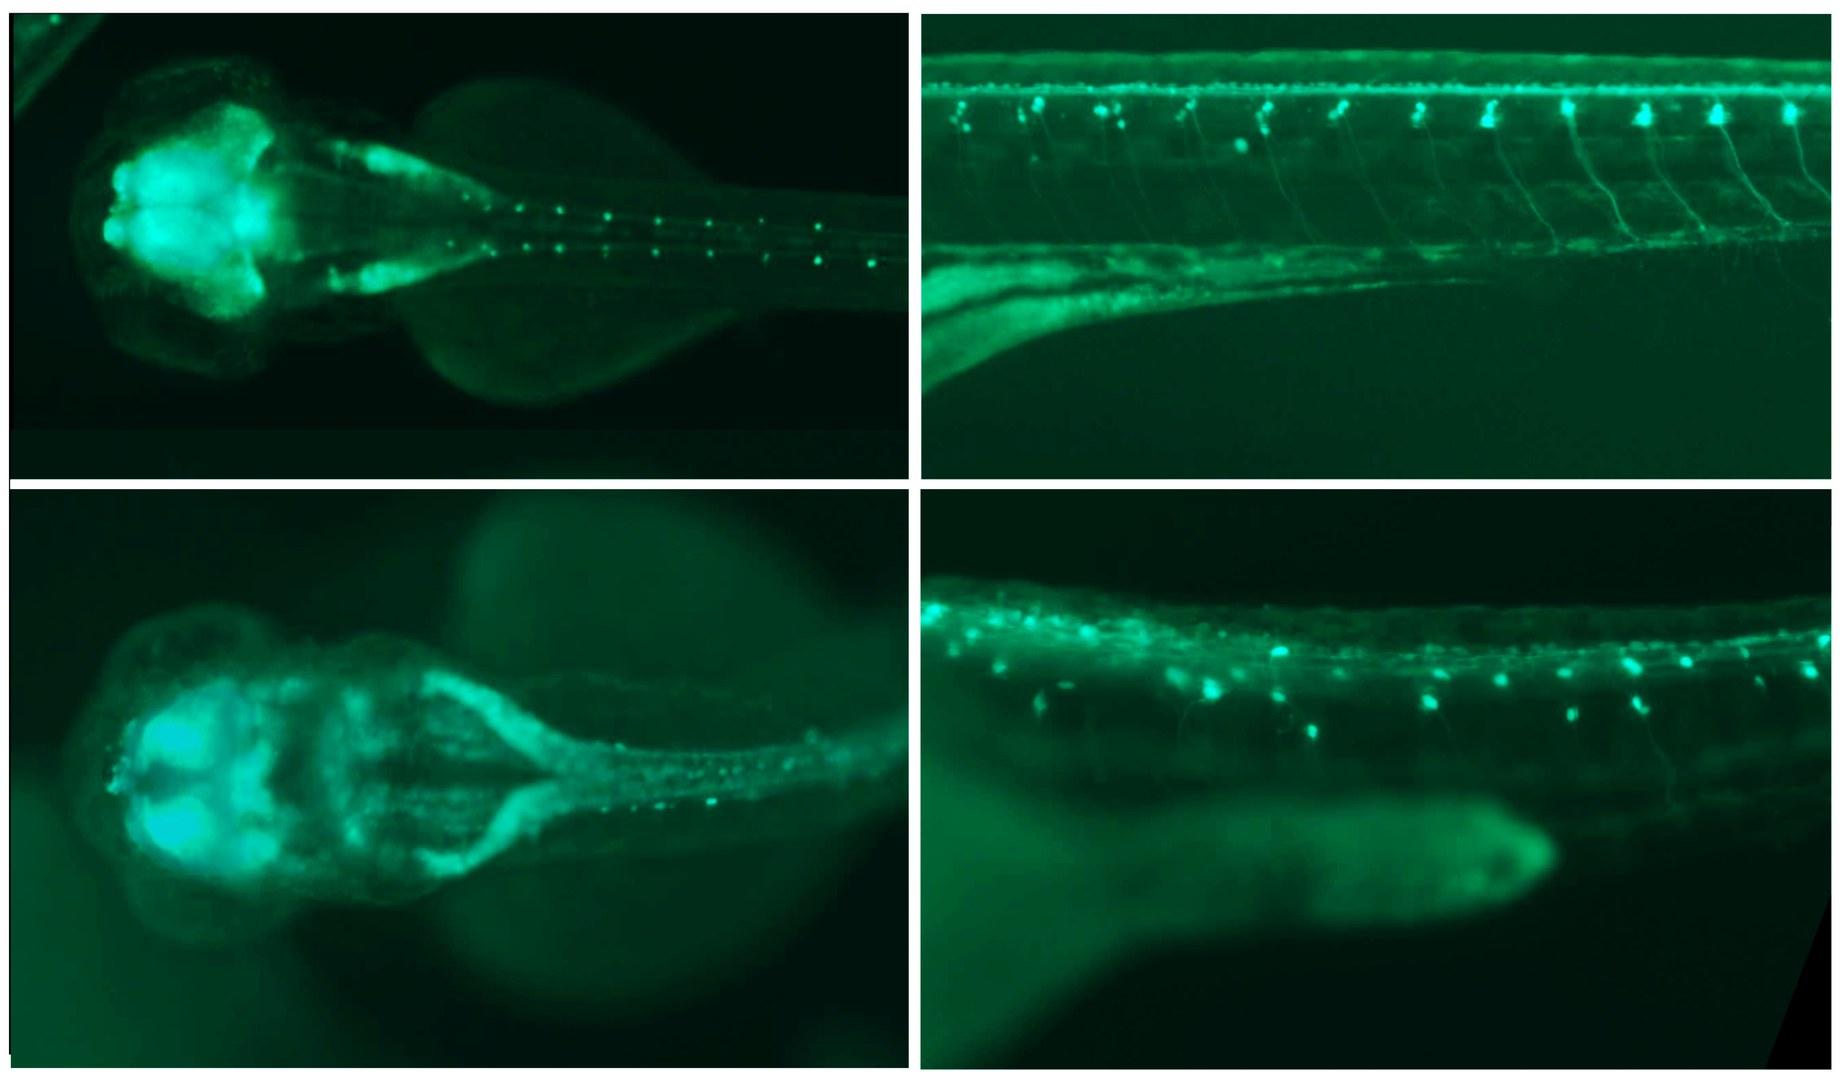 Fluorescence image of two zebrafish embryos